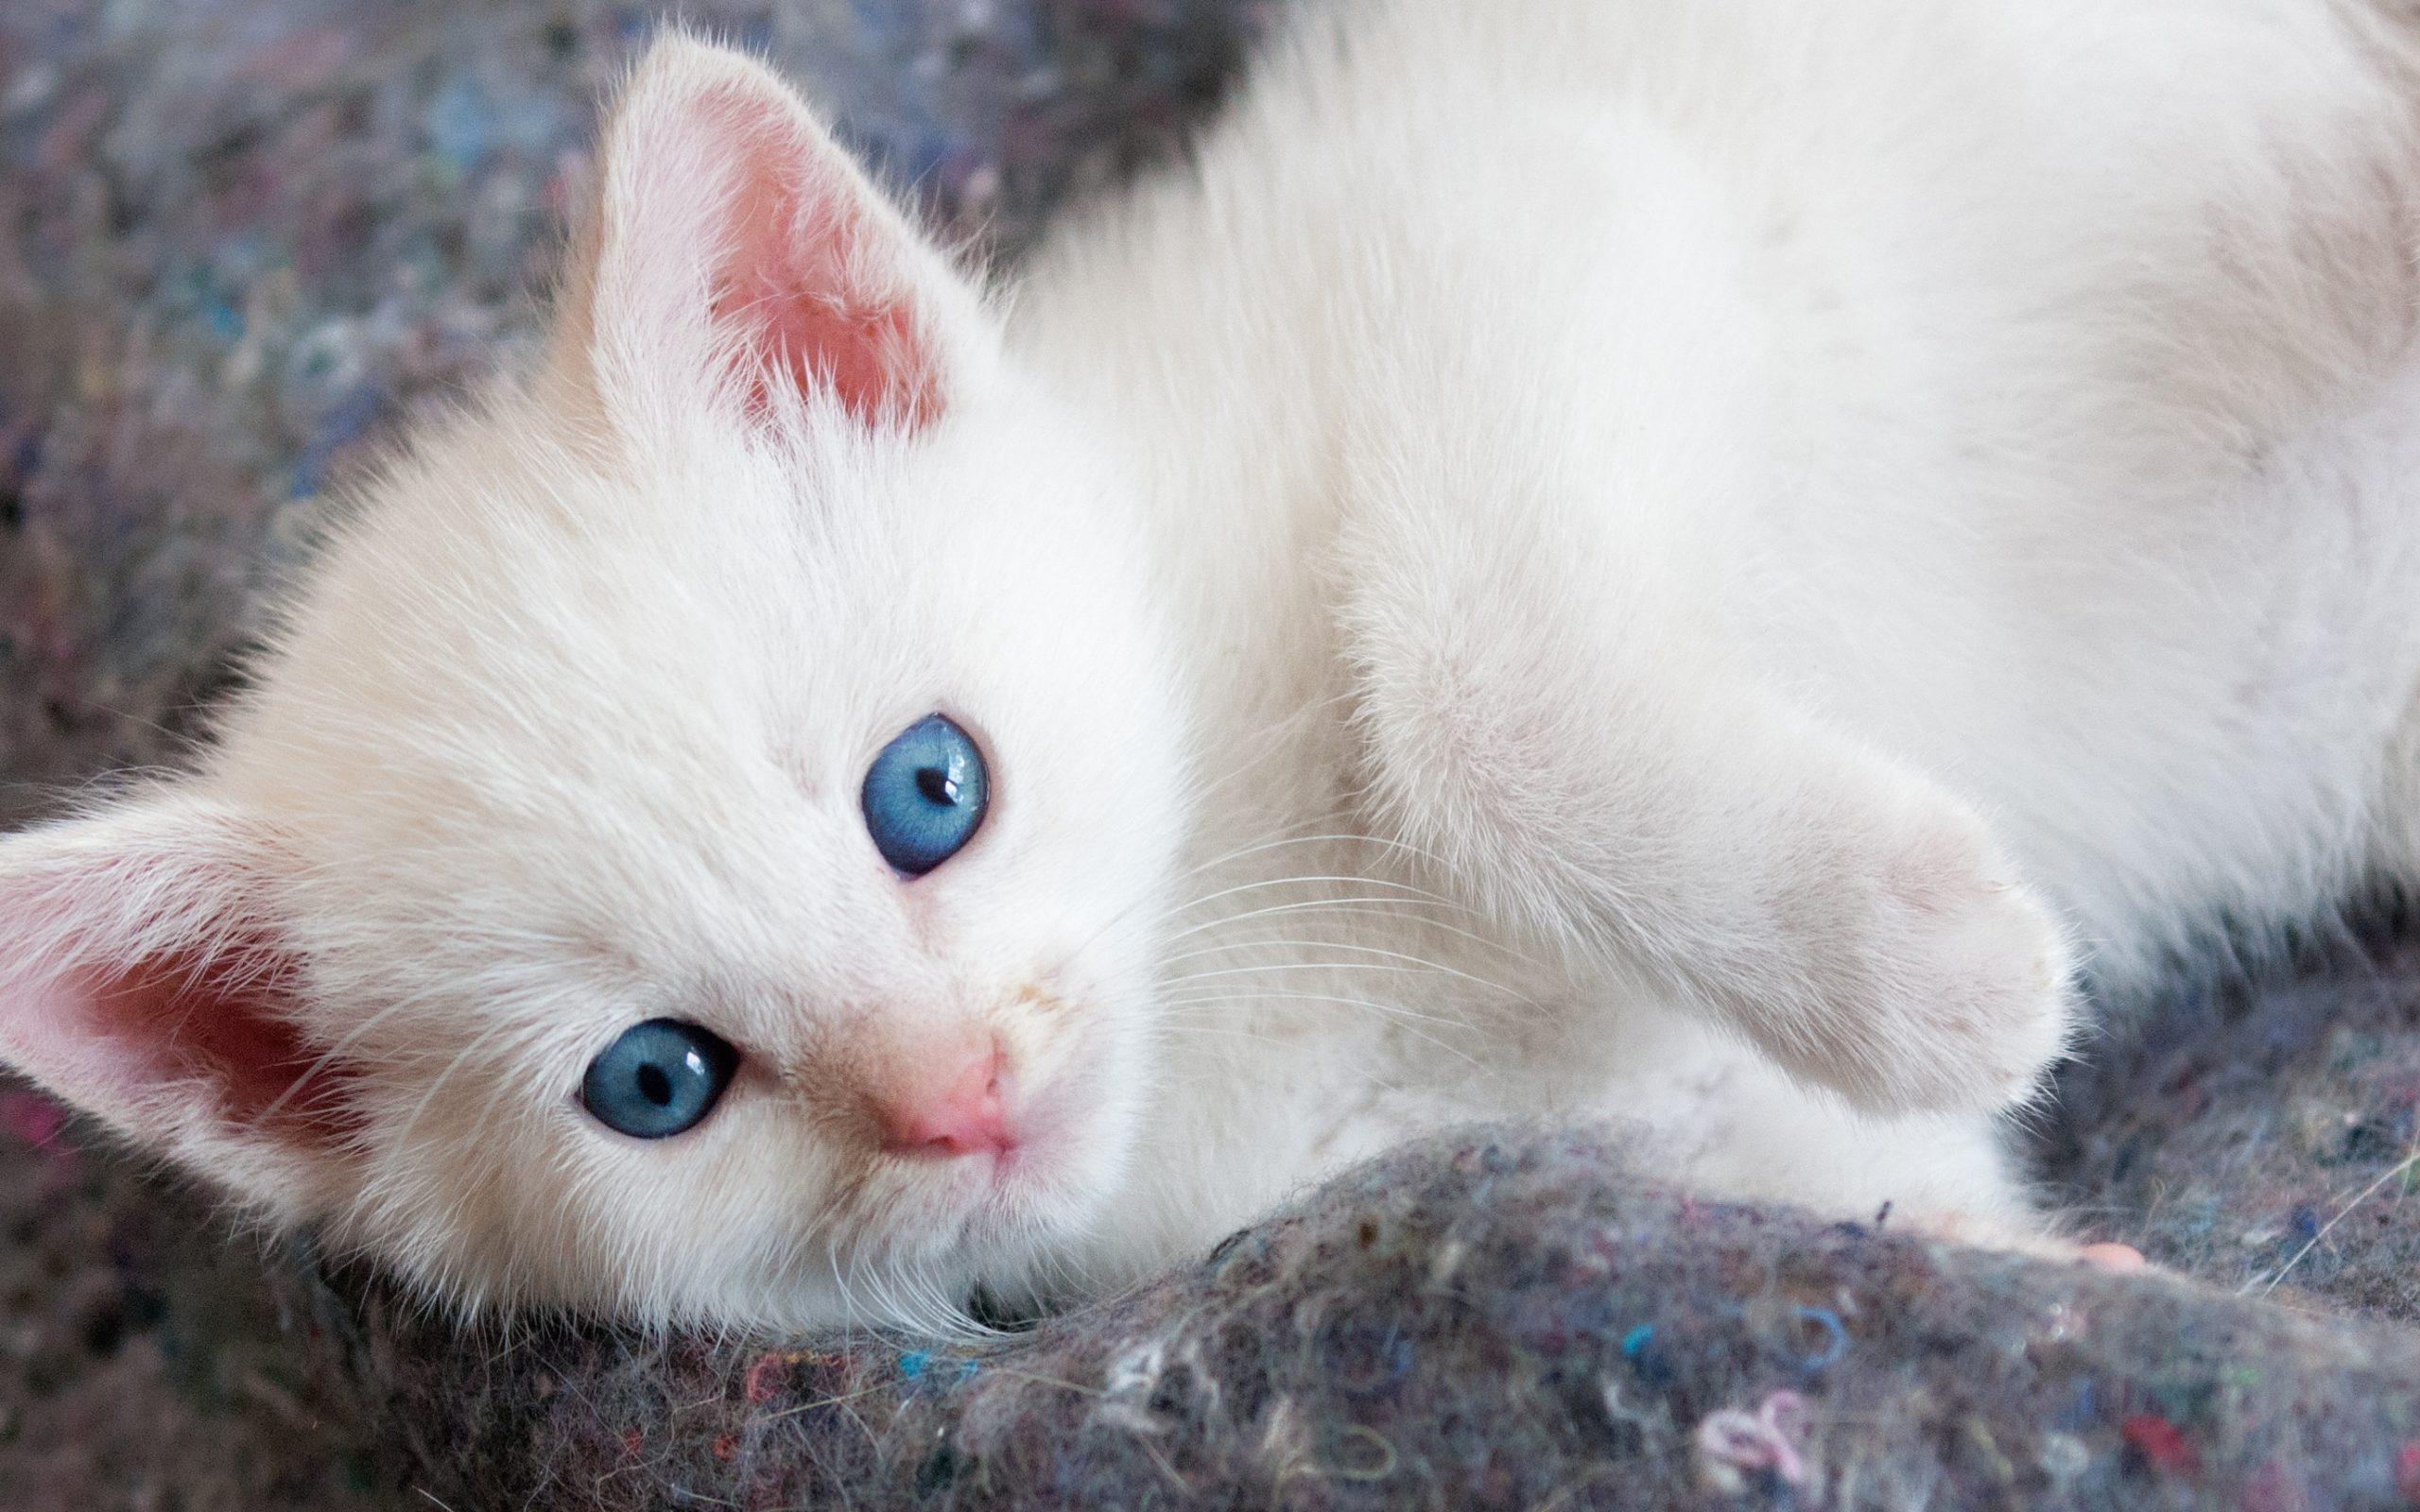 Cute Kitten Wallpaper Free Beautiful White Kitten With Blue Eyes Hd Wallpaper